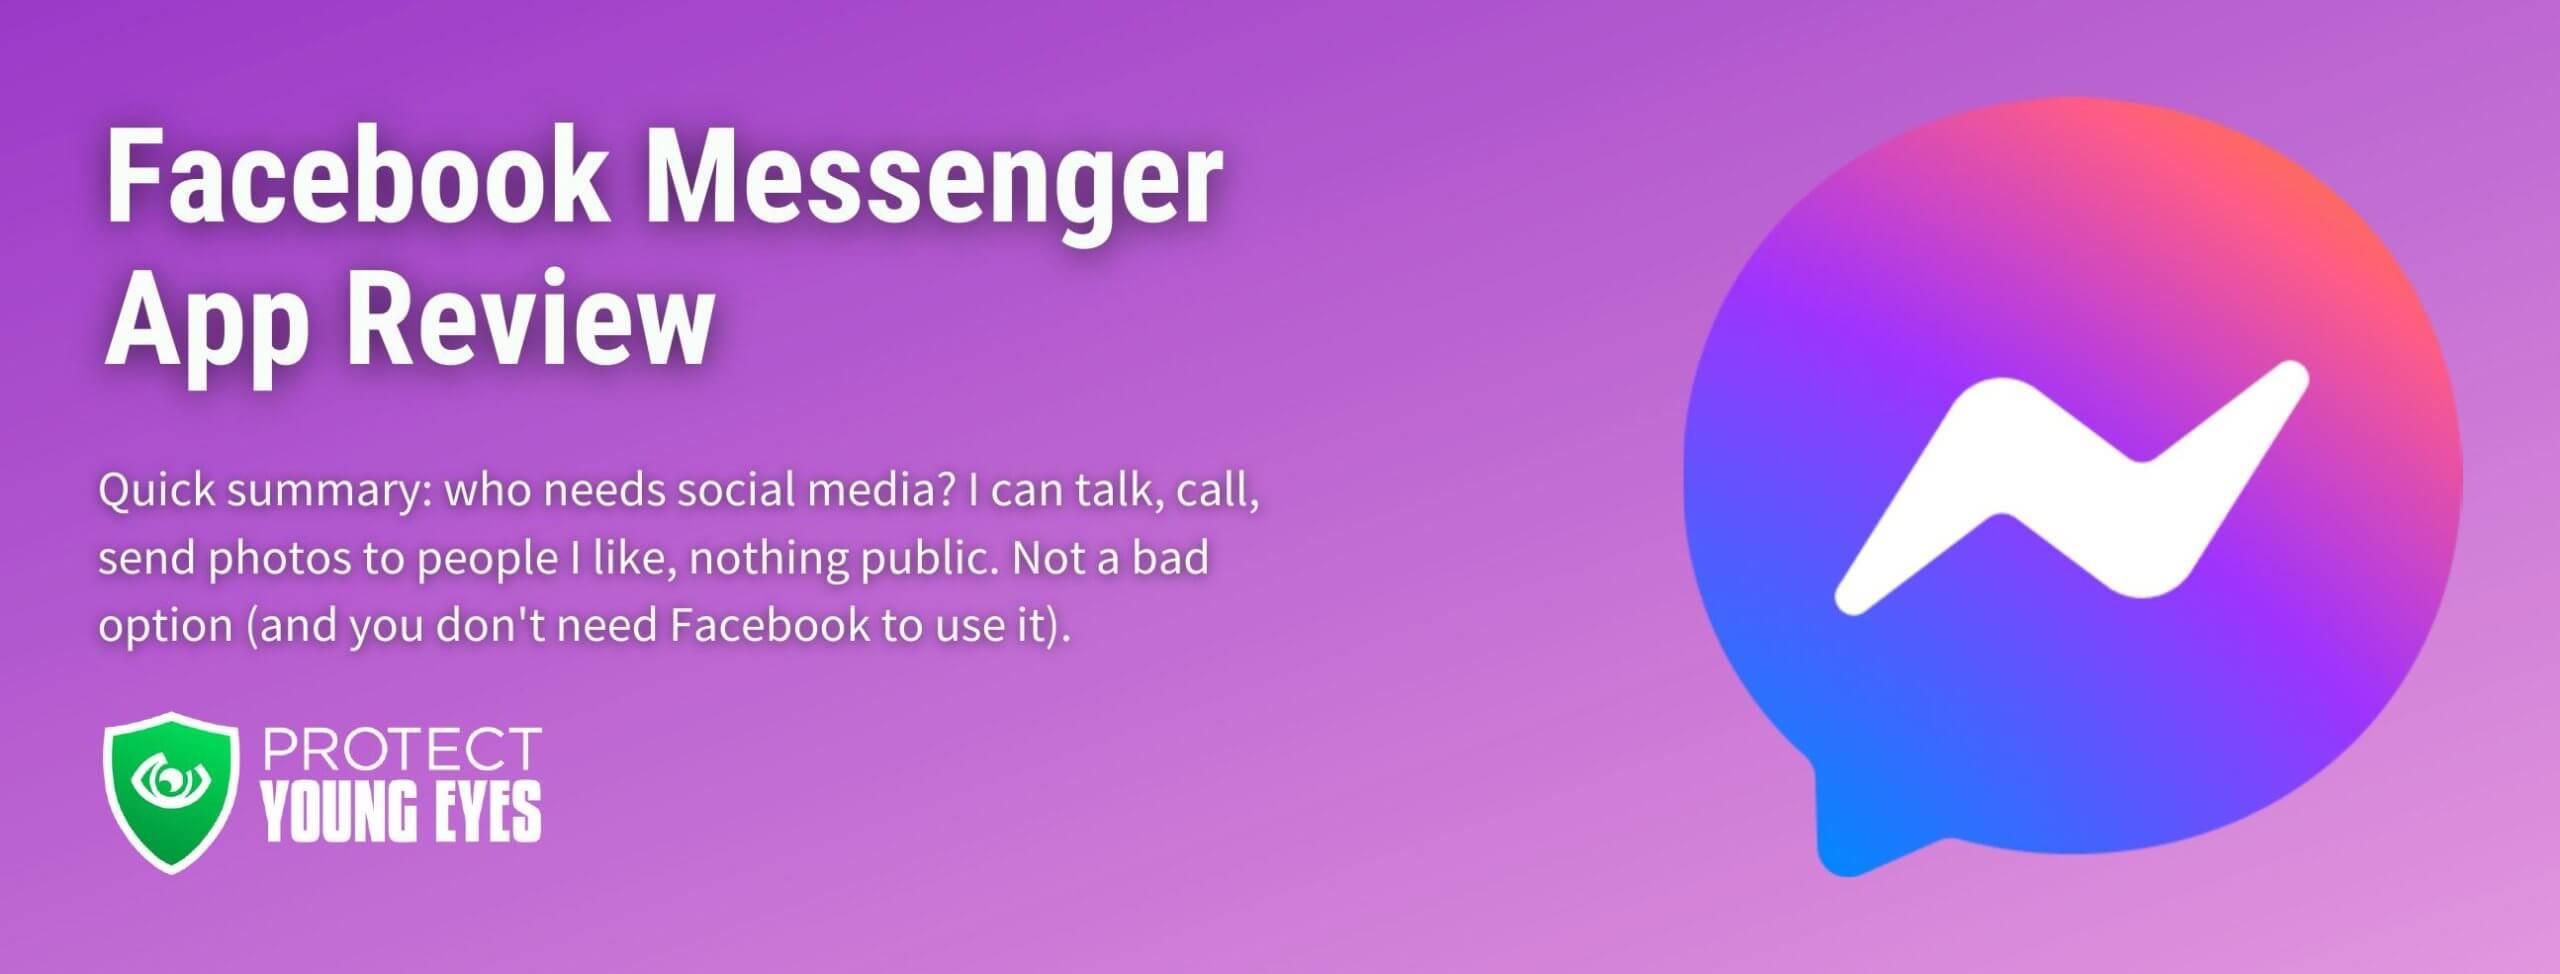 Facebook Messenger App Review